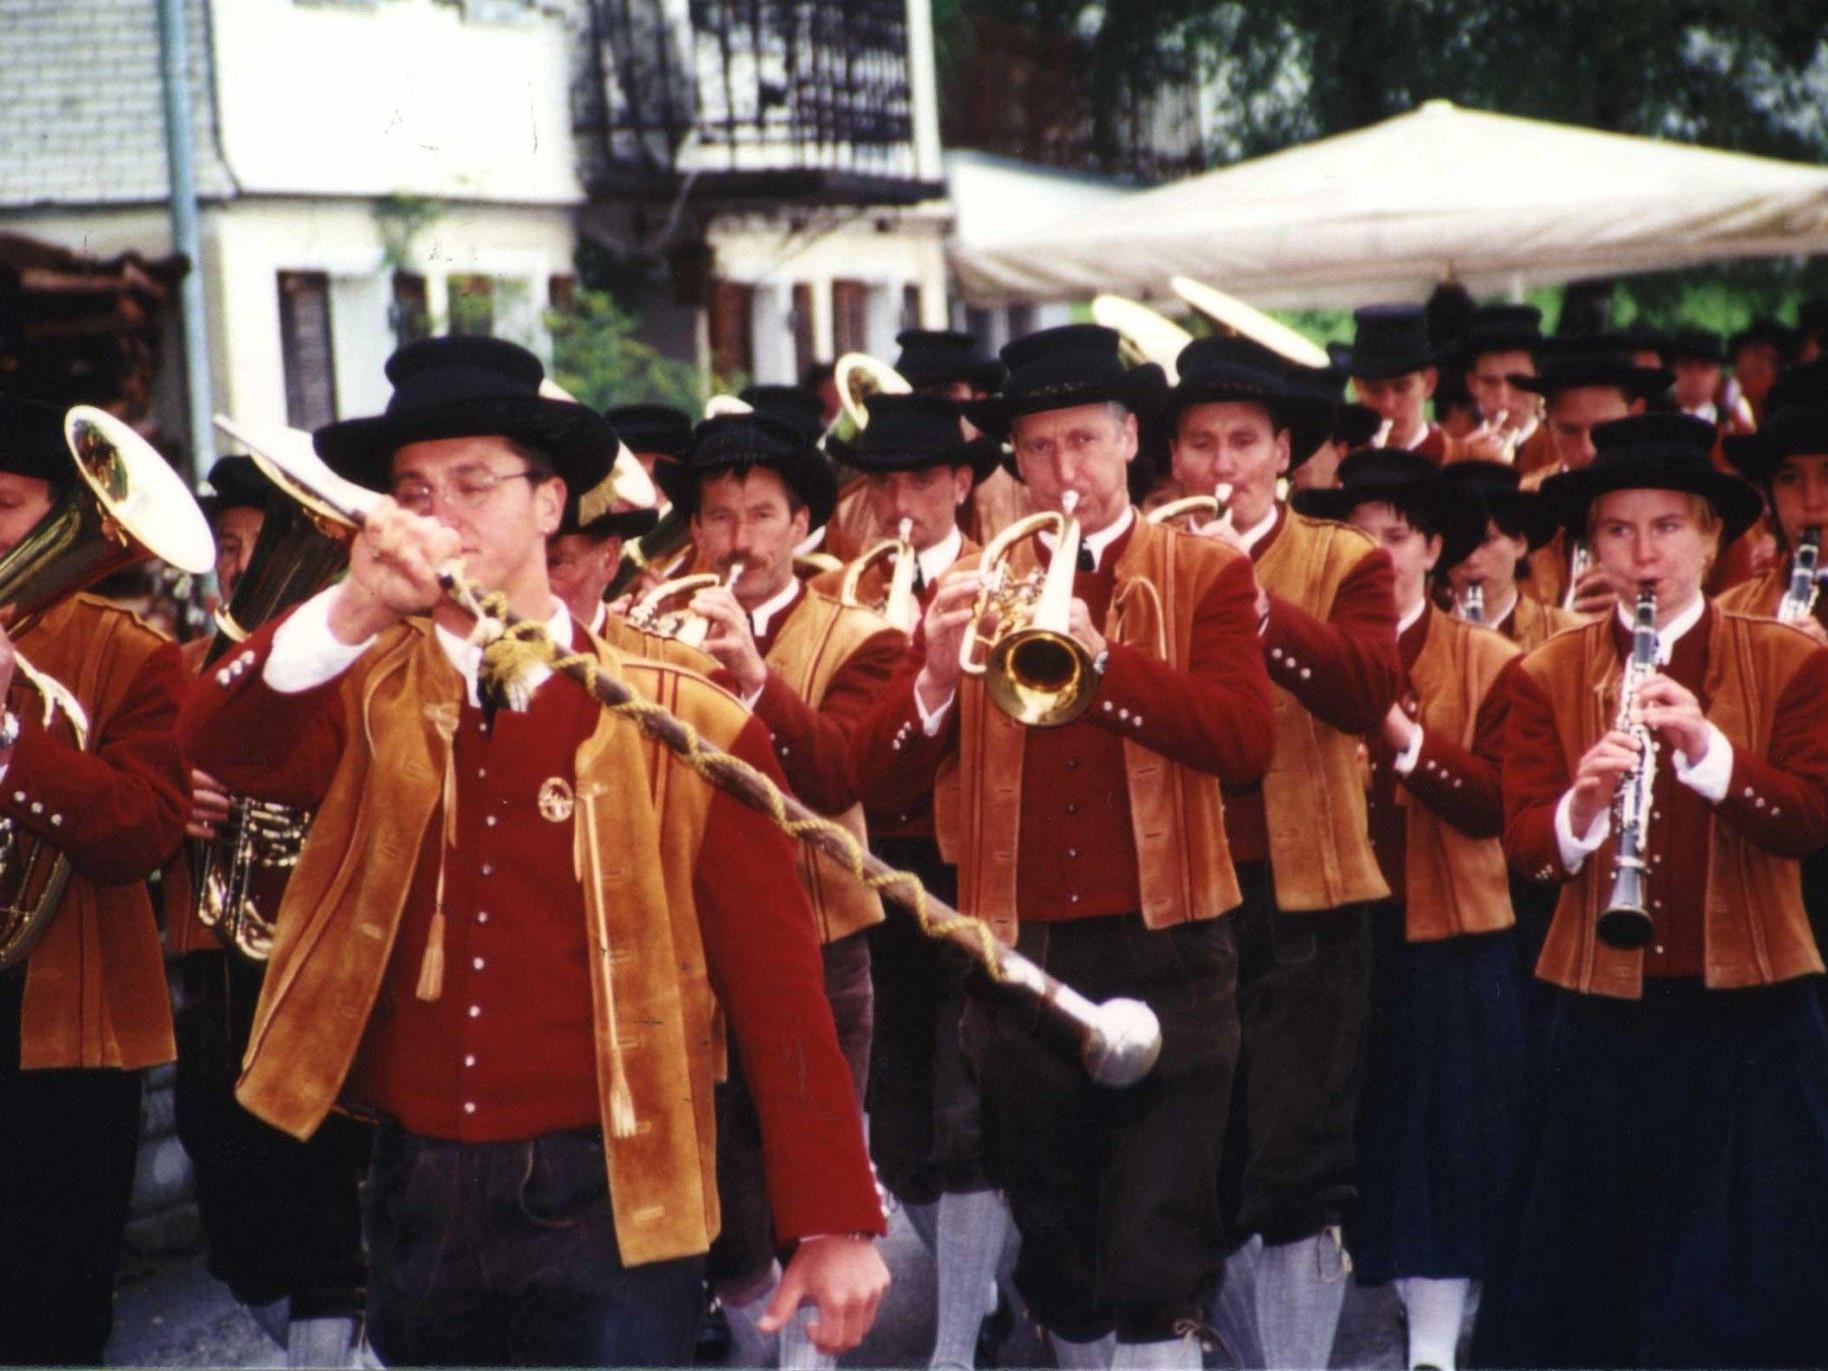 Musikverein Harmonie Andelsbuch